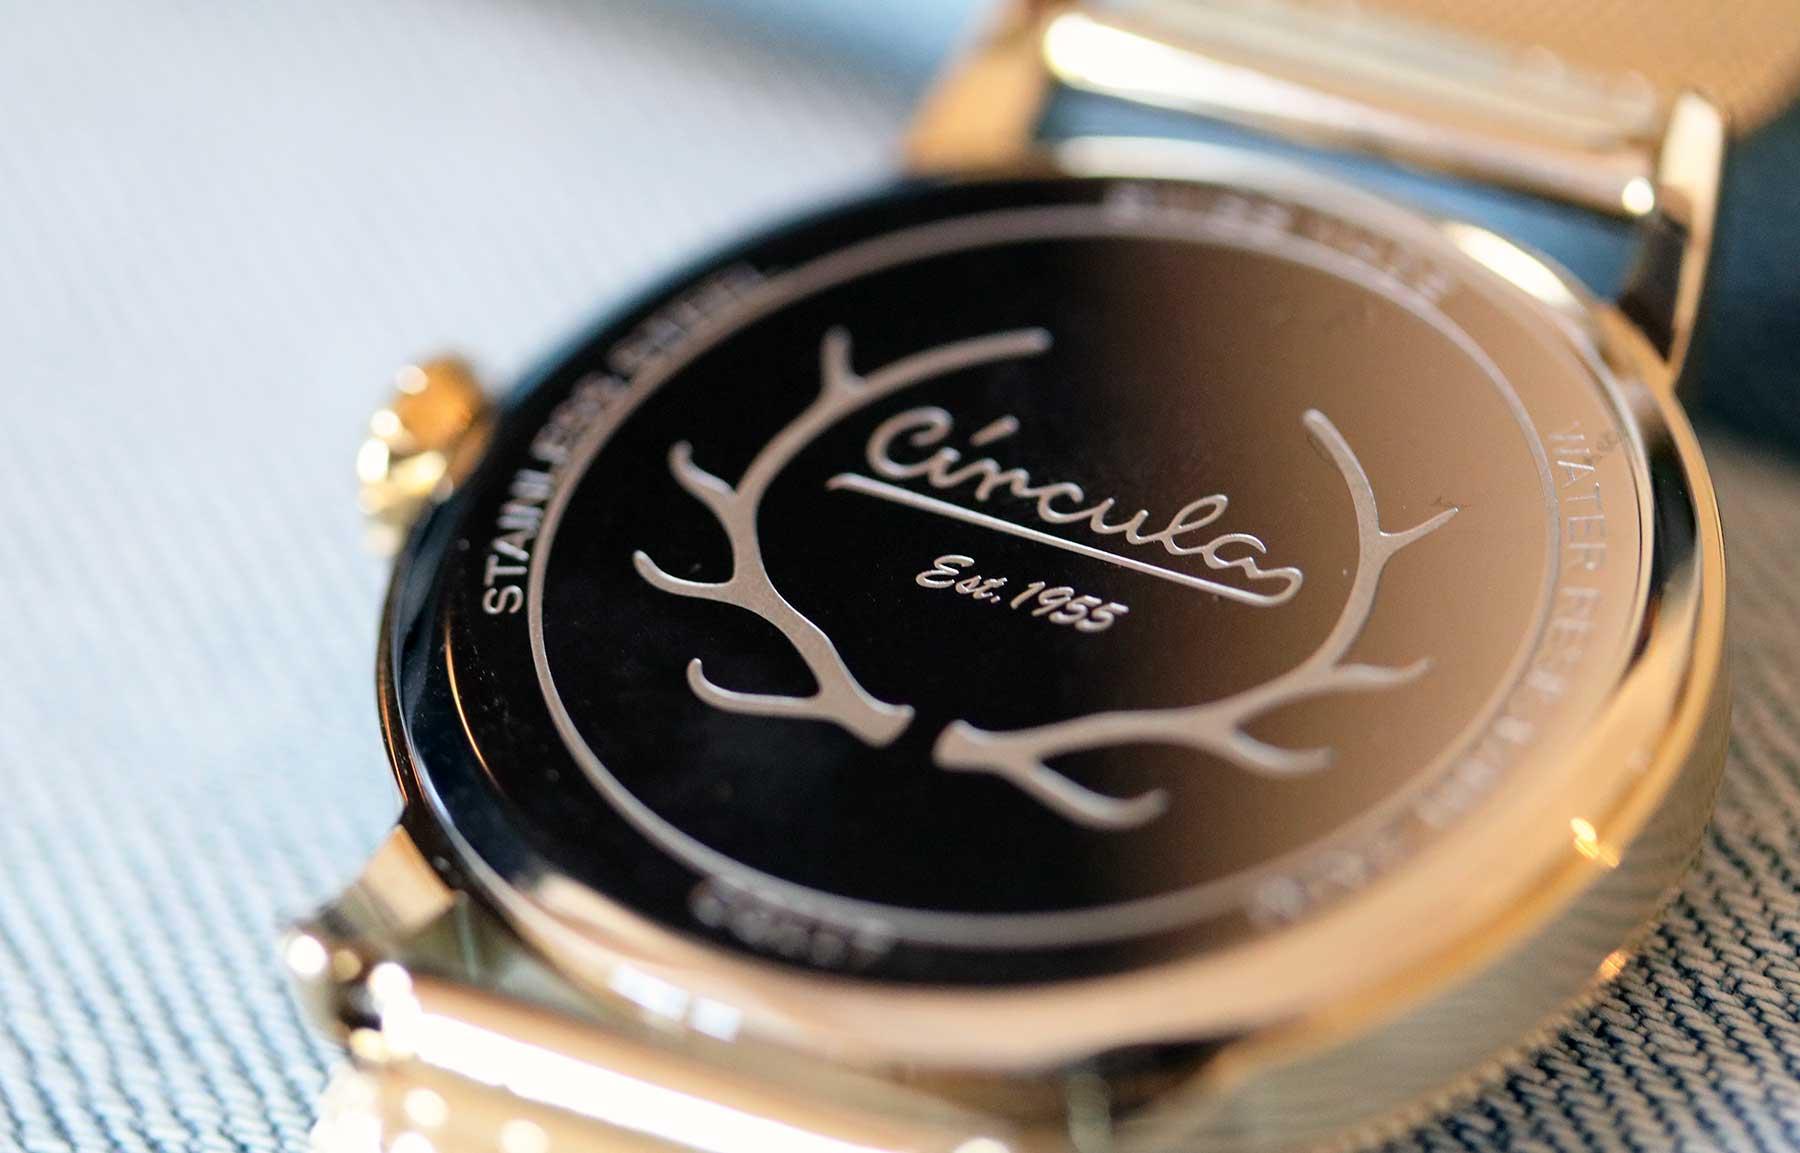 Rund. Praktisch. Gut: Circula Watches Circula-Watches_07